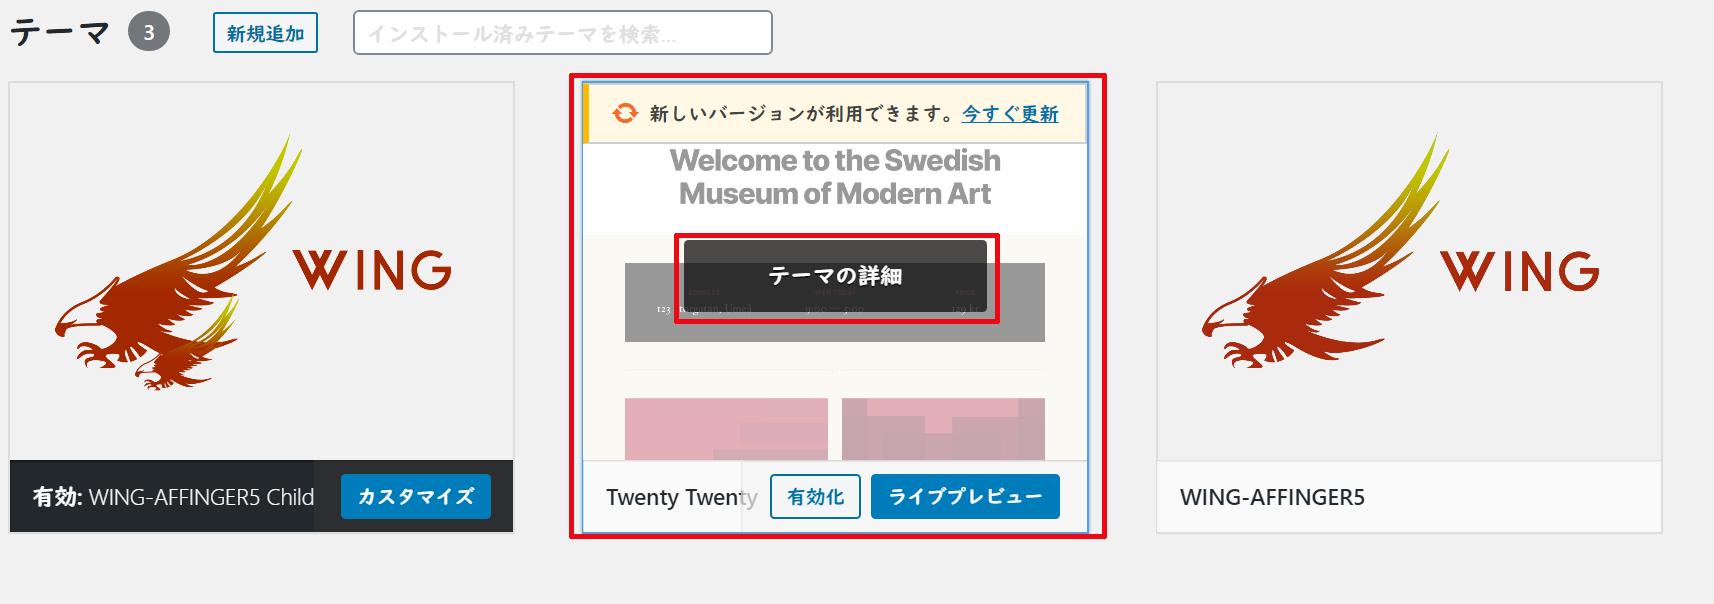 インストールされているテーマが表示されていますので、この中で削除したいテーマにマウスカーソルを合わせてそれをクリックする